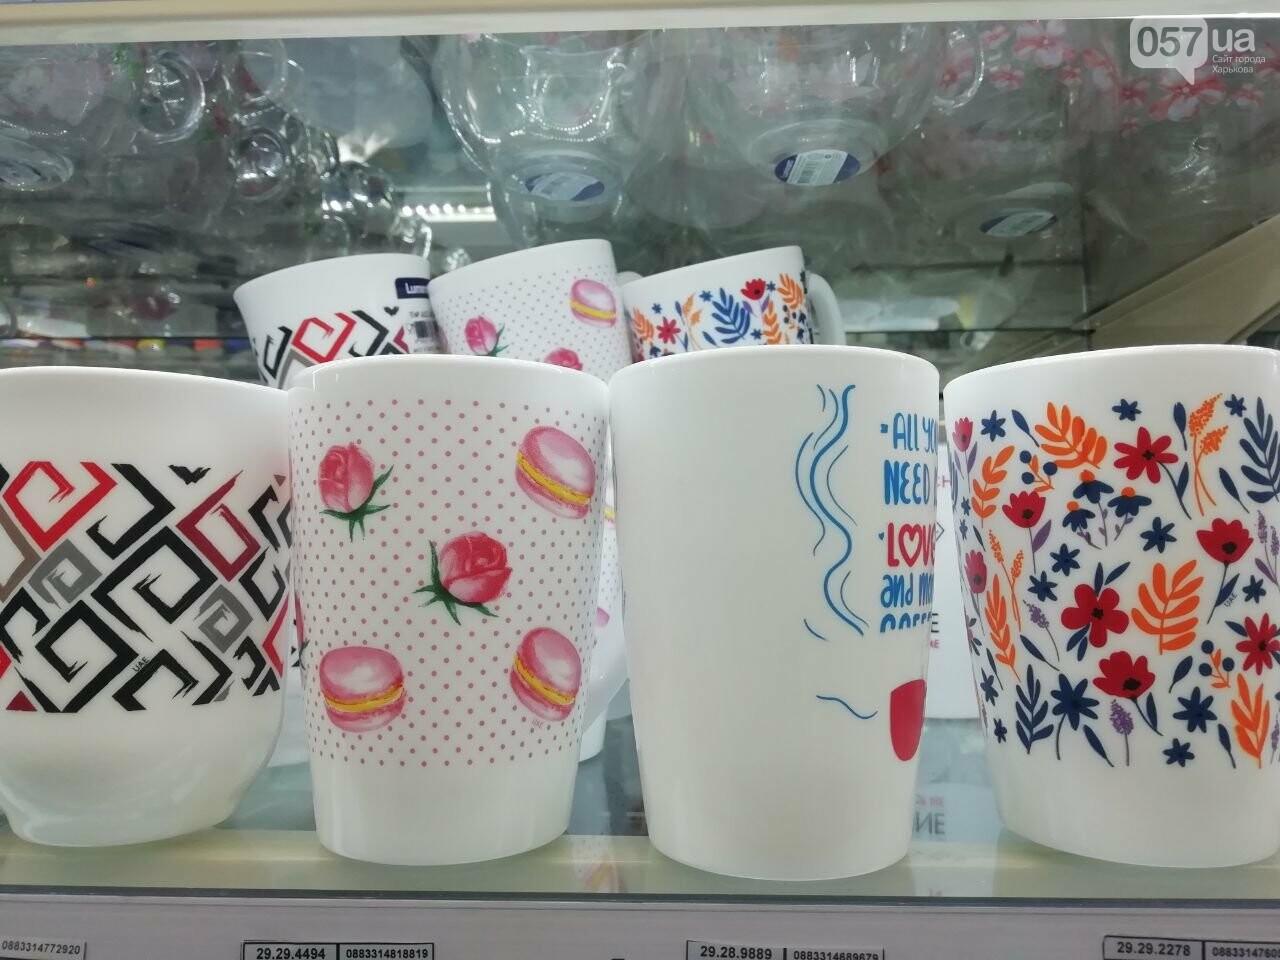 Новый год в Харькове: ТОП подарков на сумму до 100 гривен, - ФОТО, фото-9